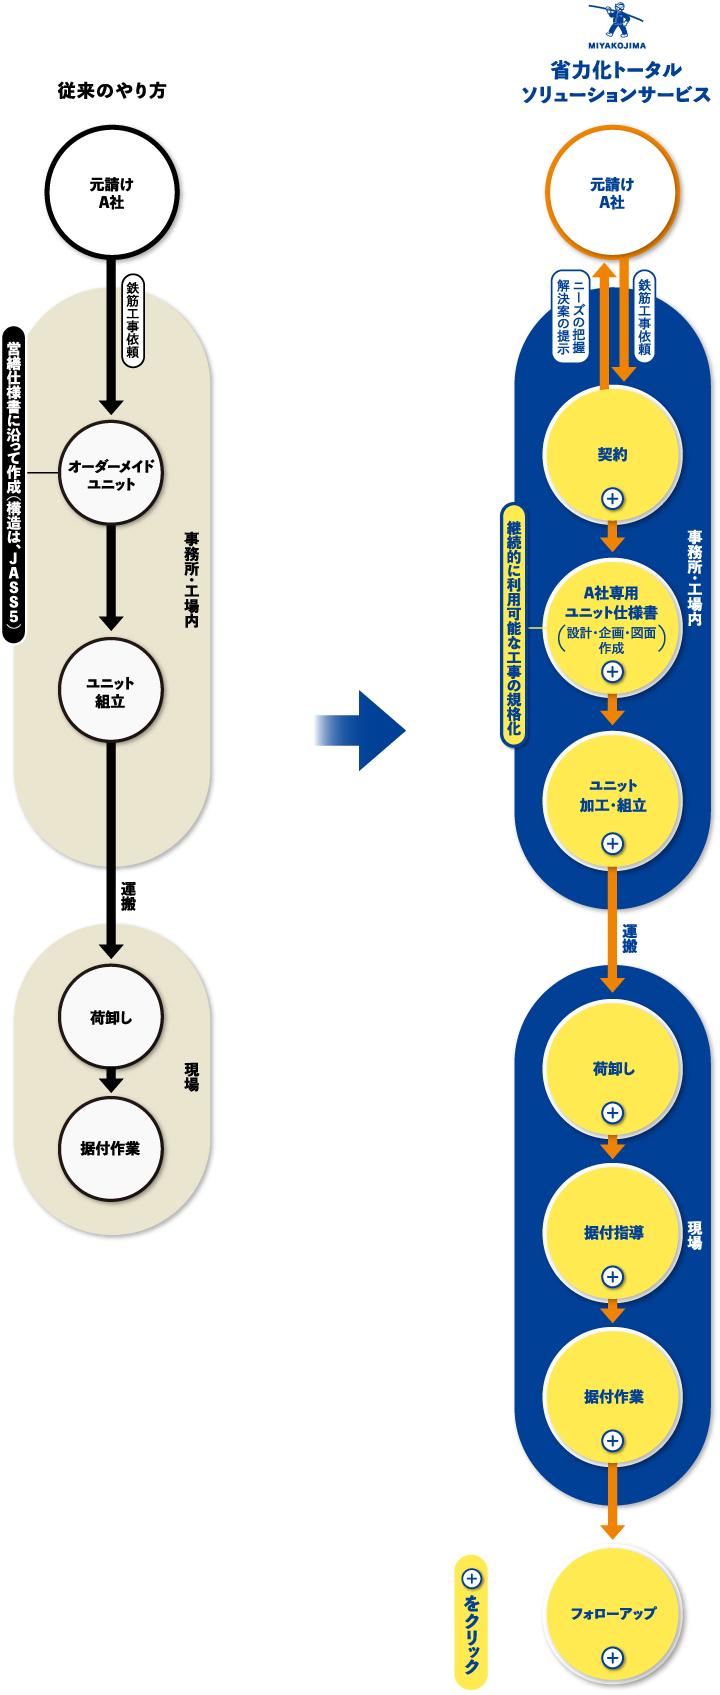 従来のやり方 元請けA社 鉄筋工事依頼  オーダーメイドユニット 事務所・工場内 ユニット組立 運搬  レッカー据付 工事 現場 省力化トータルソリューションサービス 元請けA社 ニーズの把握解決案の提示 鉄筋工事依頼 継続的に利用可能な工事の規格化 事務所・工場内 契約 A社専用ユニット仕様書 設計・企画・図面作成 ユニット加工・組立 運搬 荷卸し 据付指導 据付作業 現場 フォローアップ をクリック